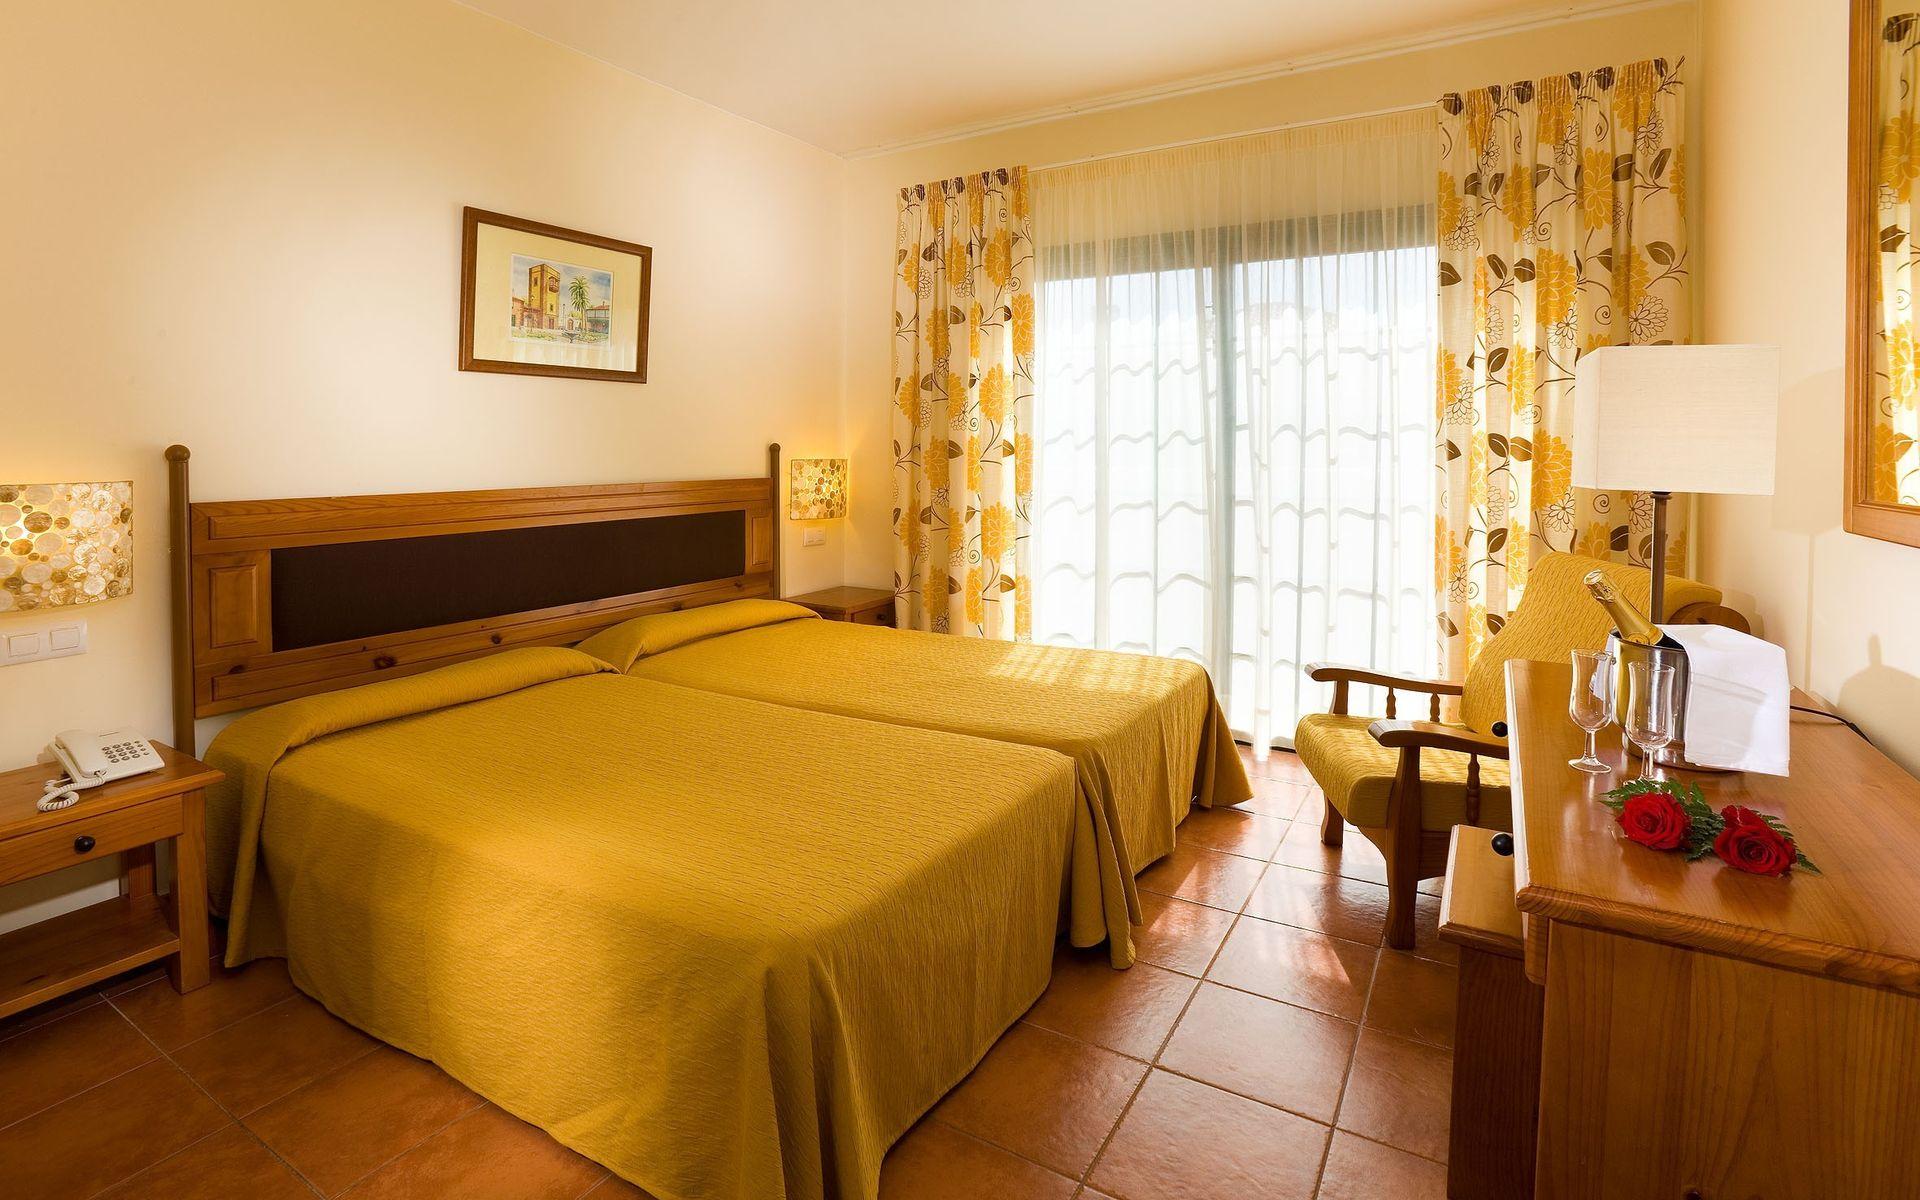 Hotel gf isabel en costa adeje tenerife desde 44 - Television pequena plana ...